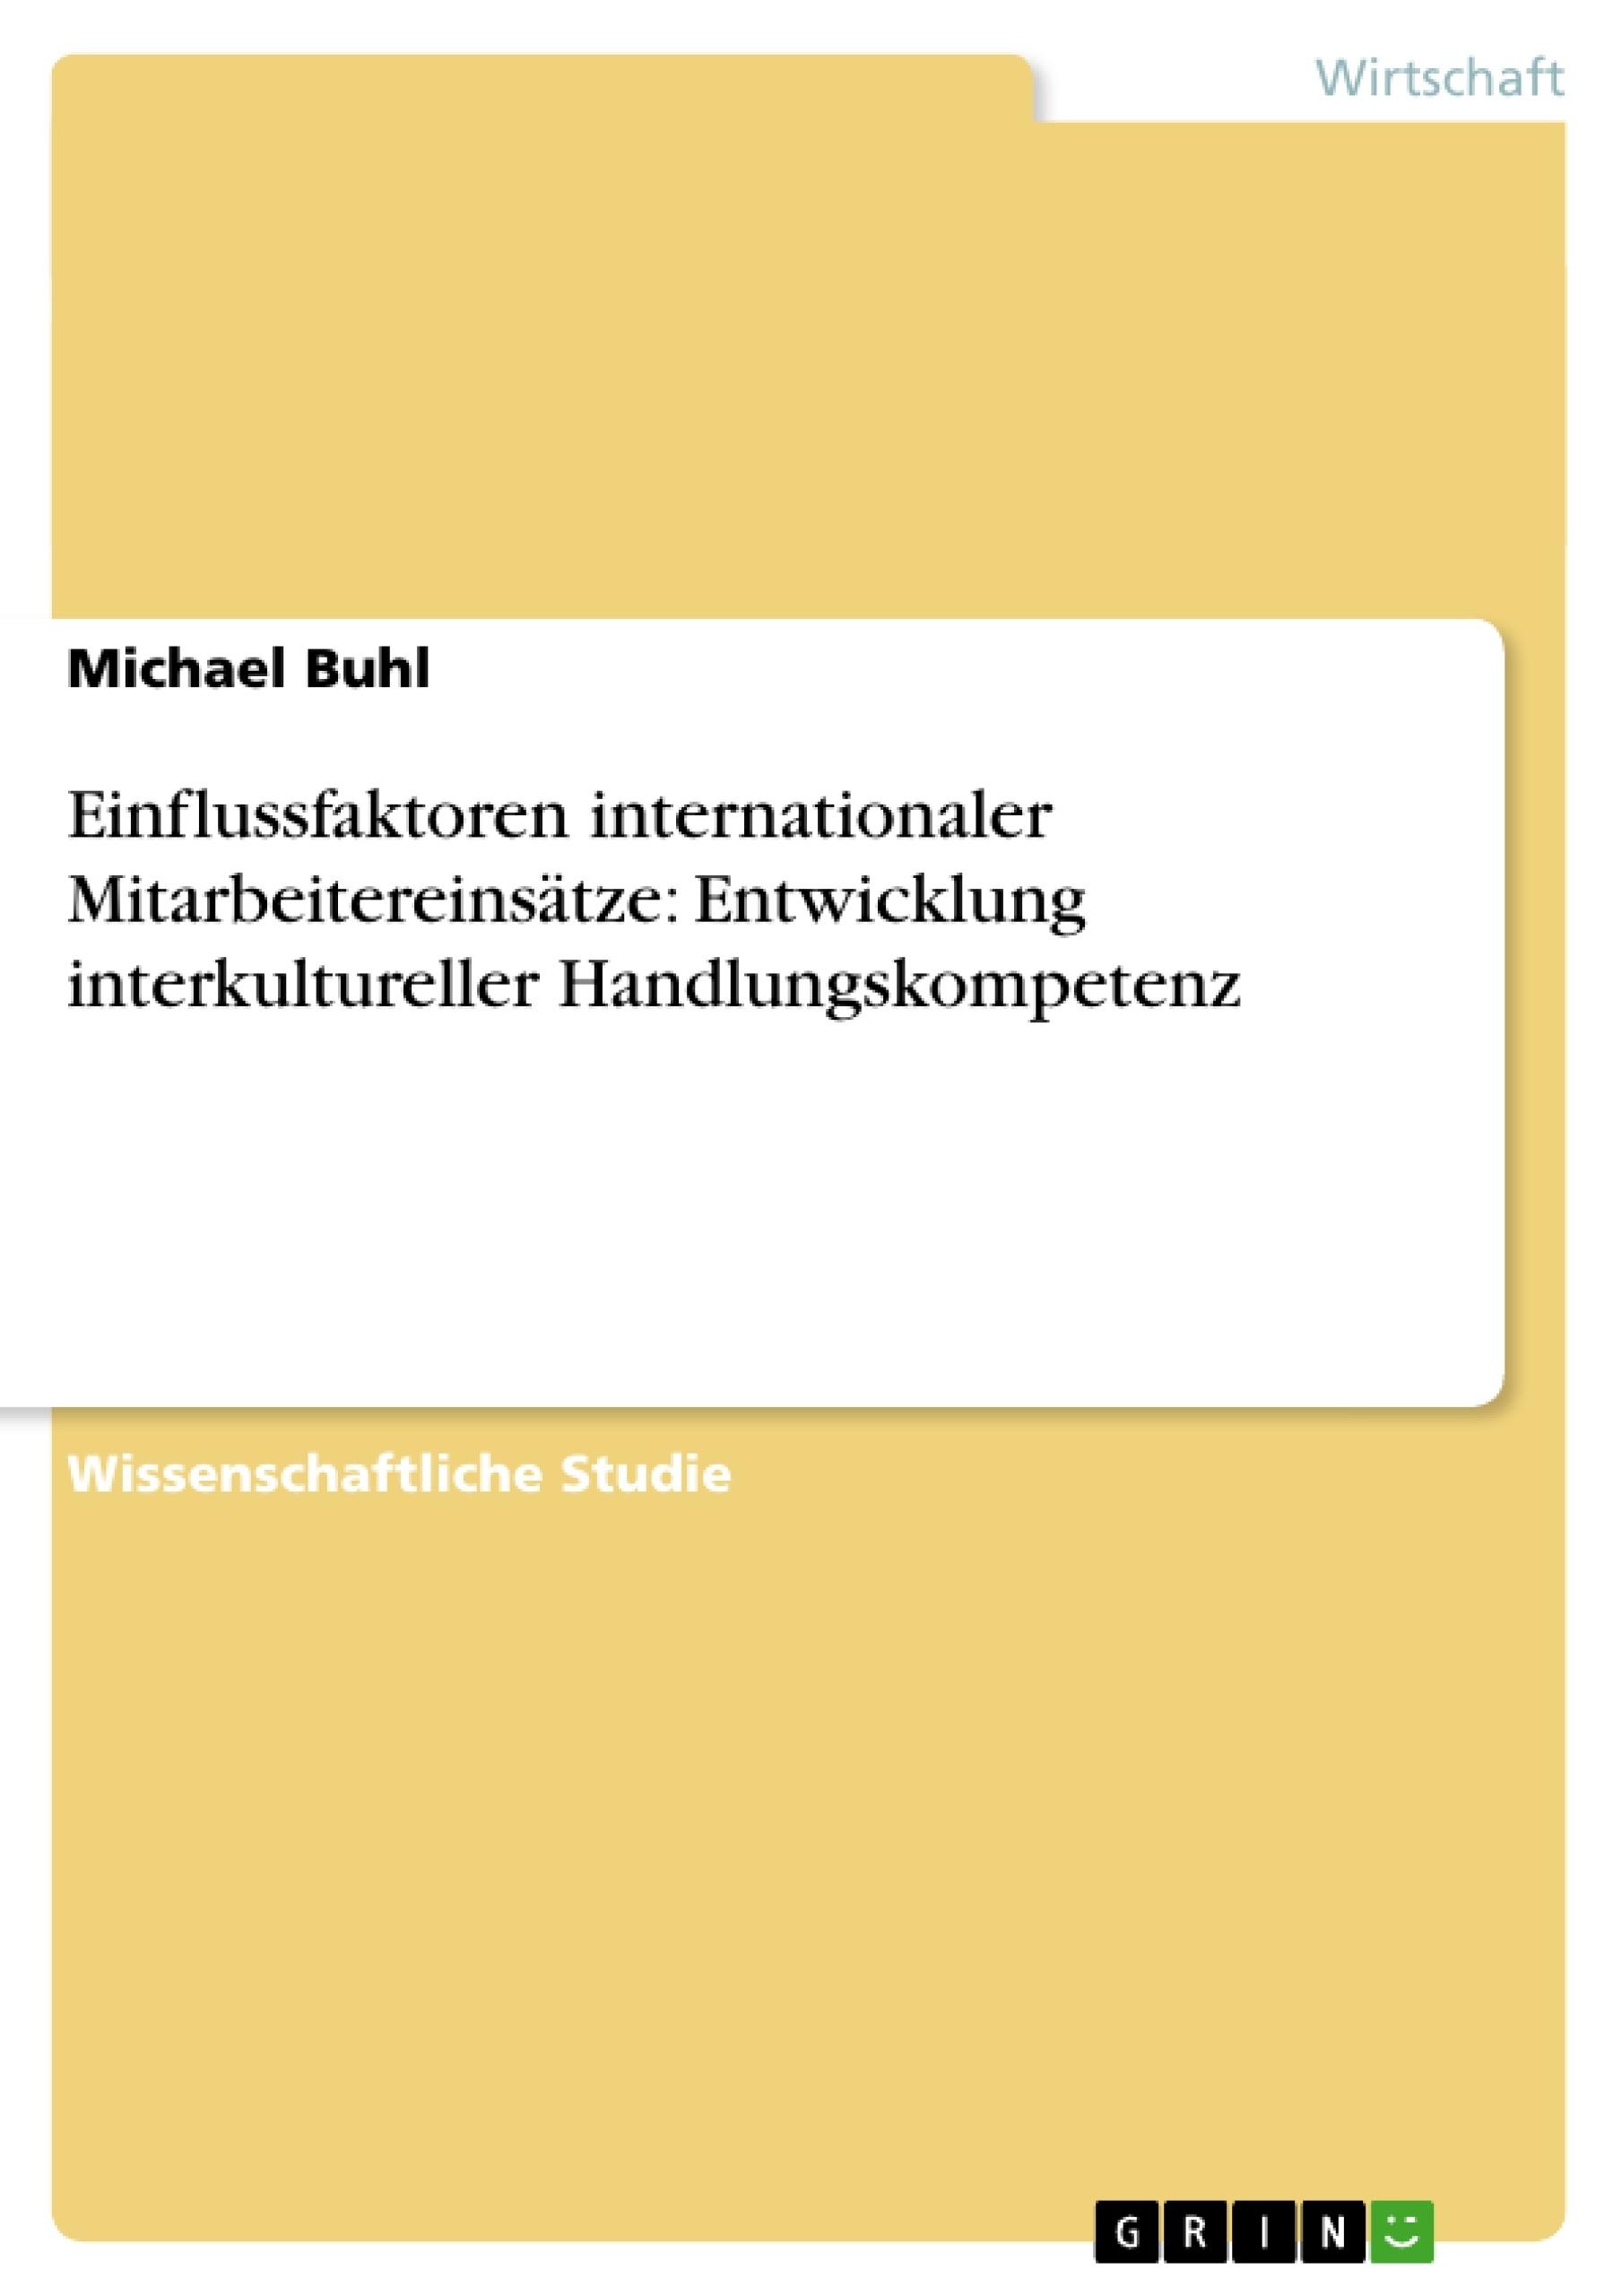 Titel: Einflussfaktoren internationaler Mitarbeitereinsätze: Entwicklung interkultureller Handlungskompetenz